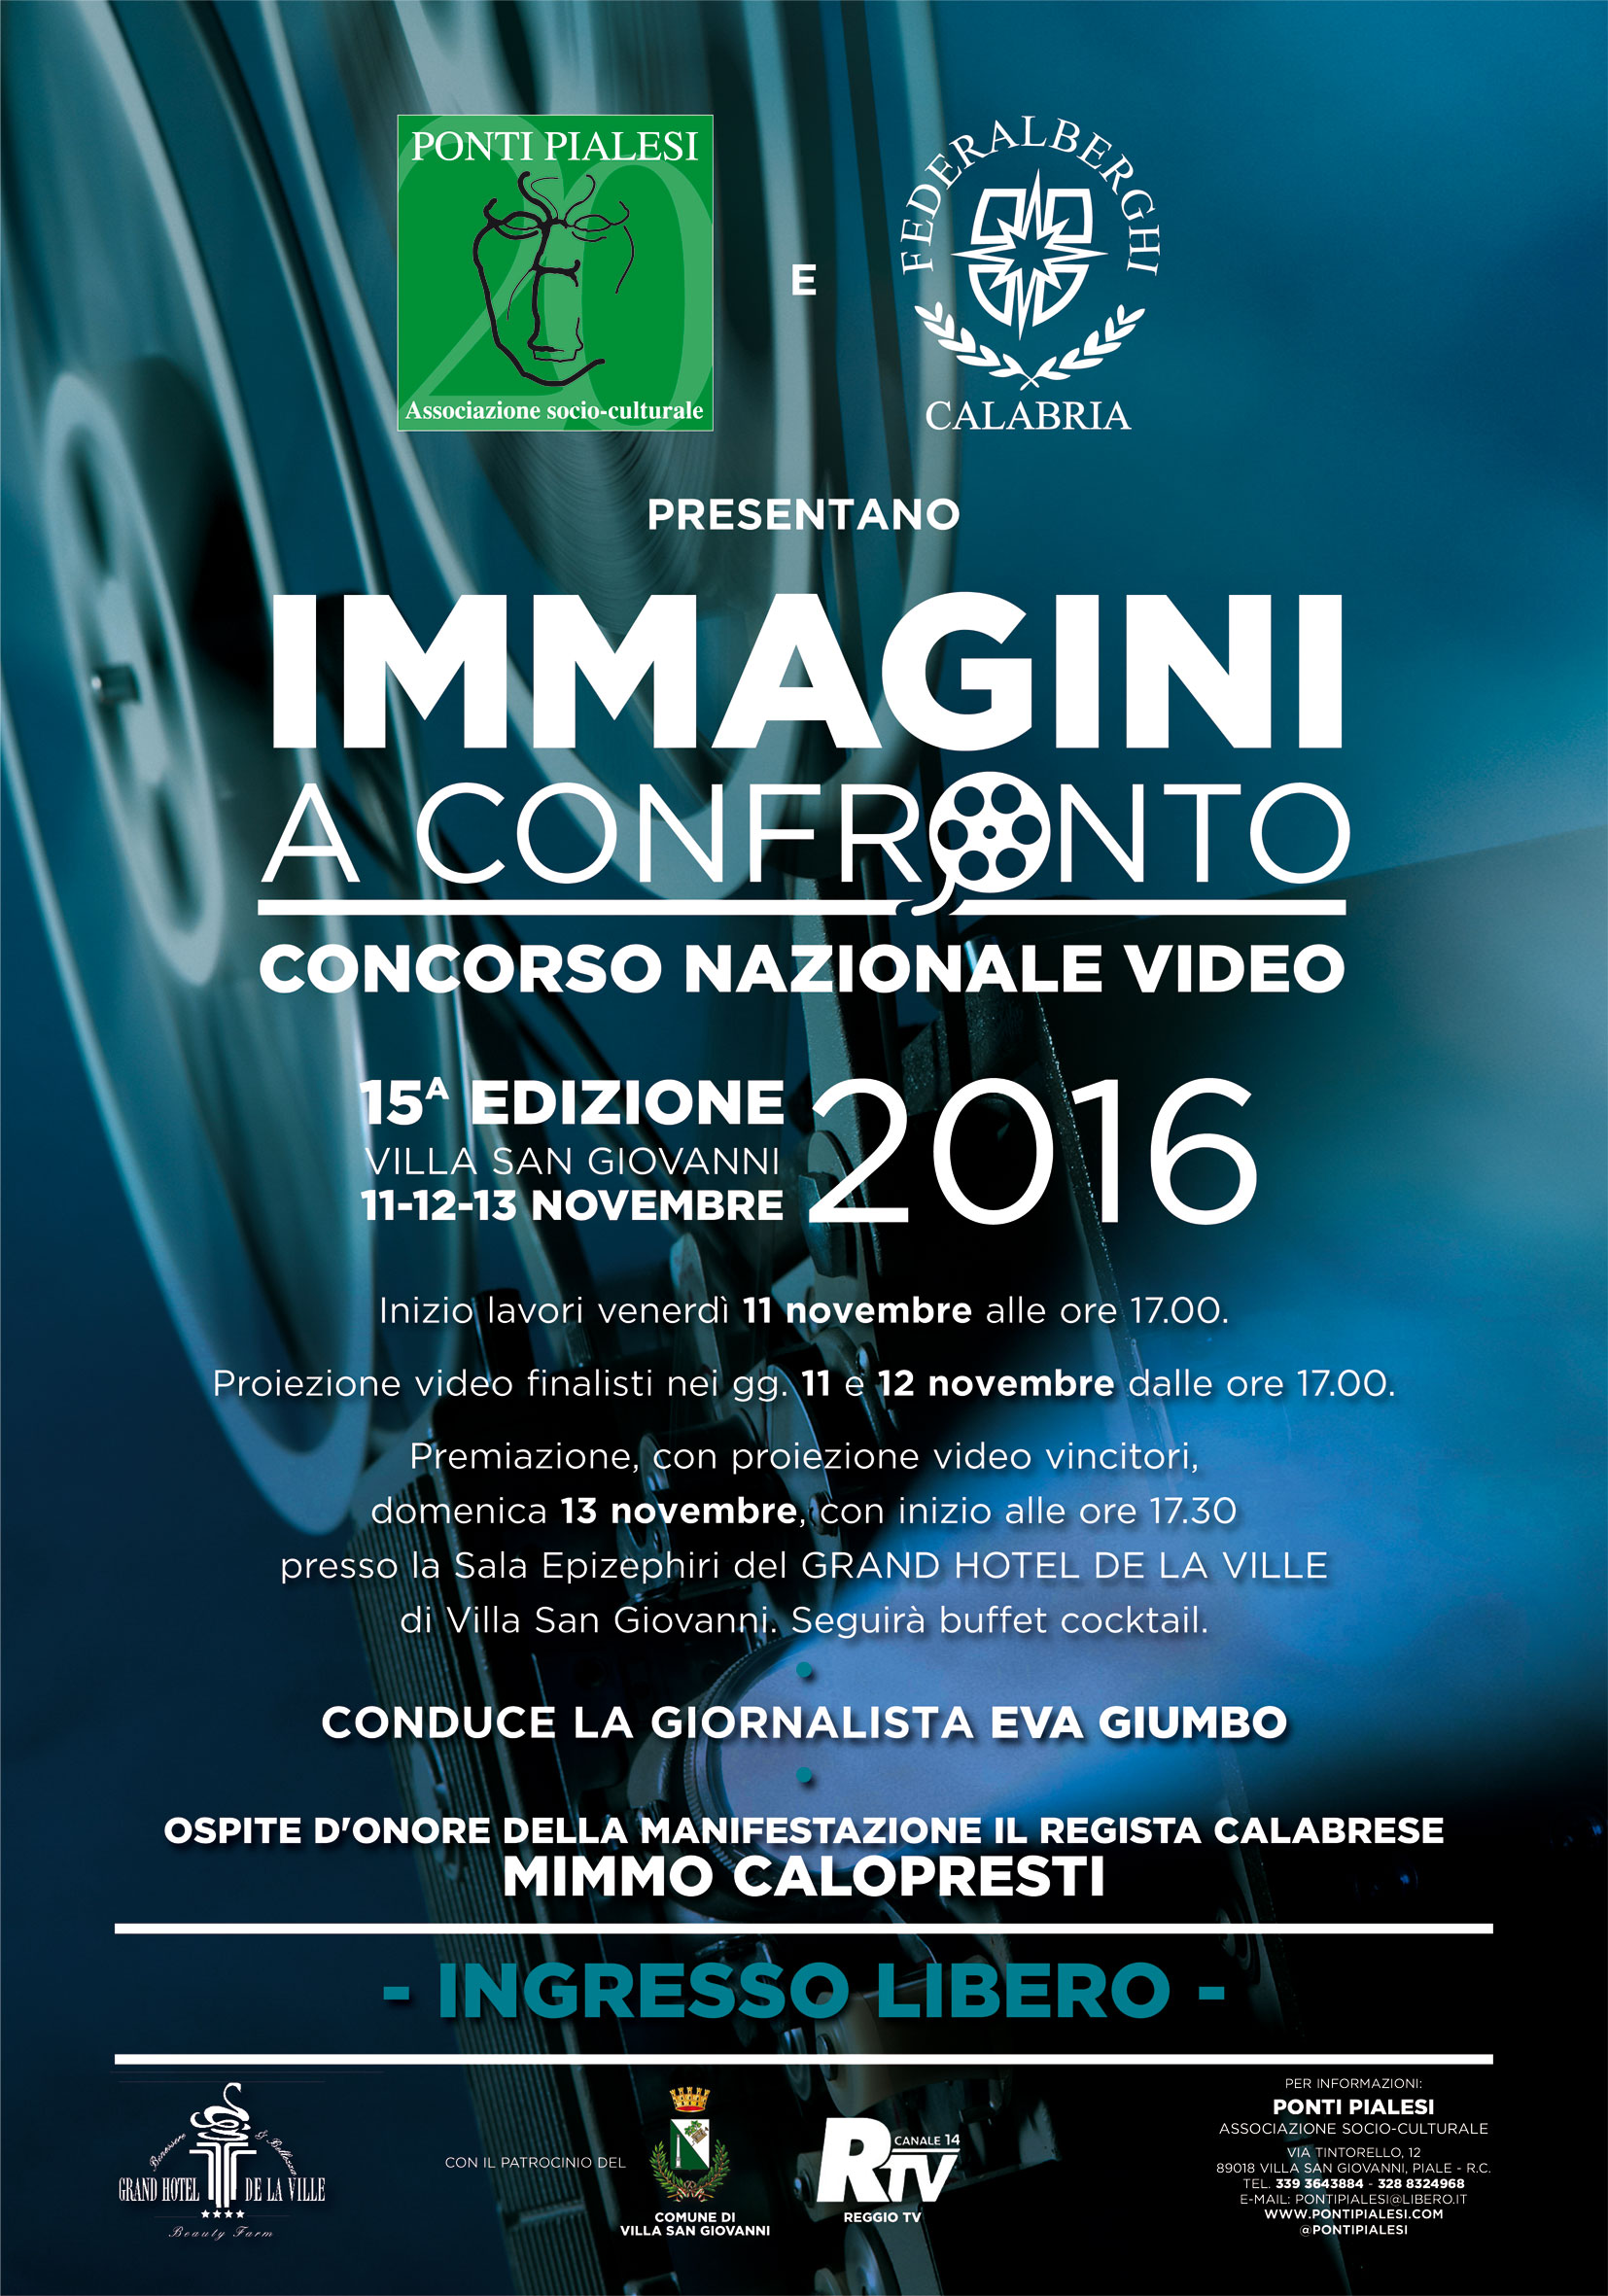 PONTI PIALESI - Immagini a Confronto 15a edizione 2016